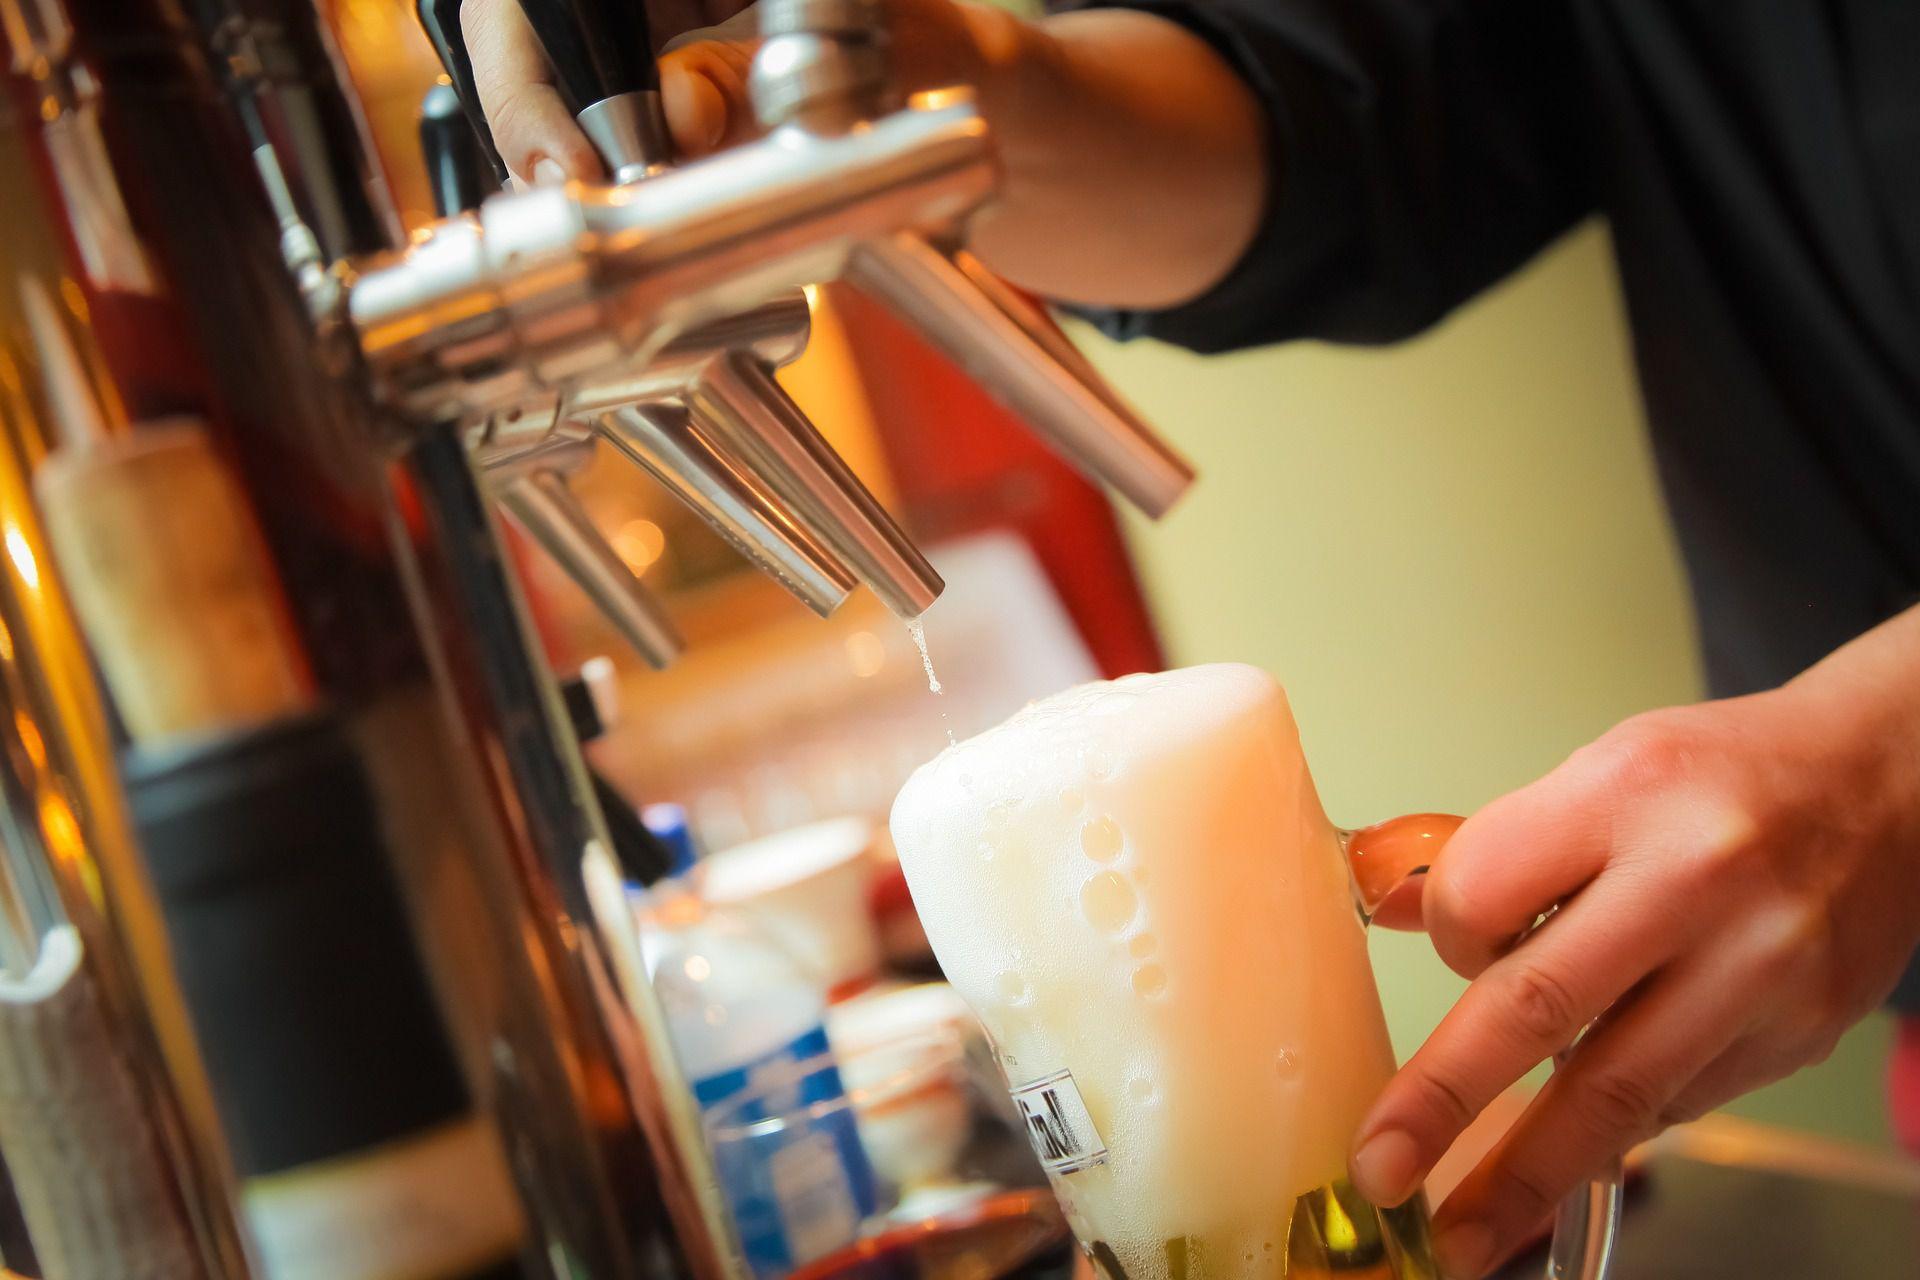 beer-939438_1920-576aaa7f3df78ca6e4541f5a Frais De Bar Separation Cuisine Schème